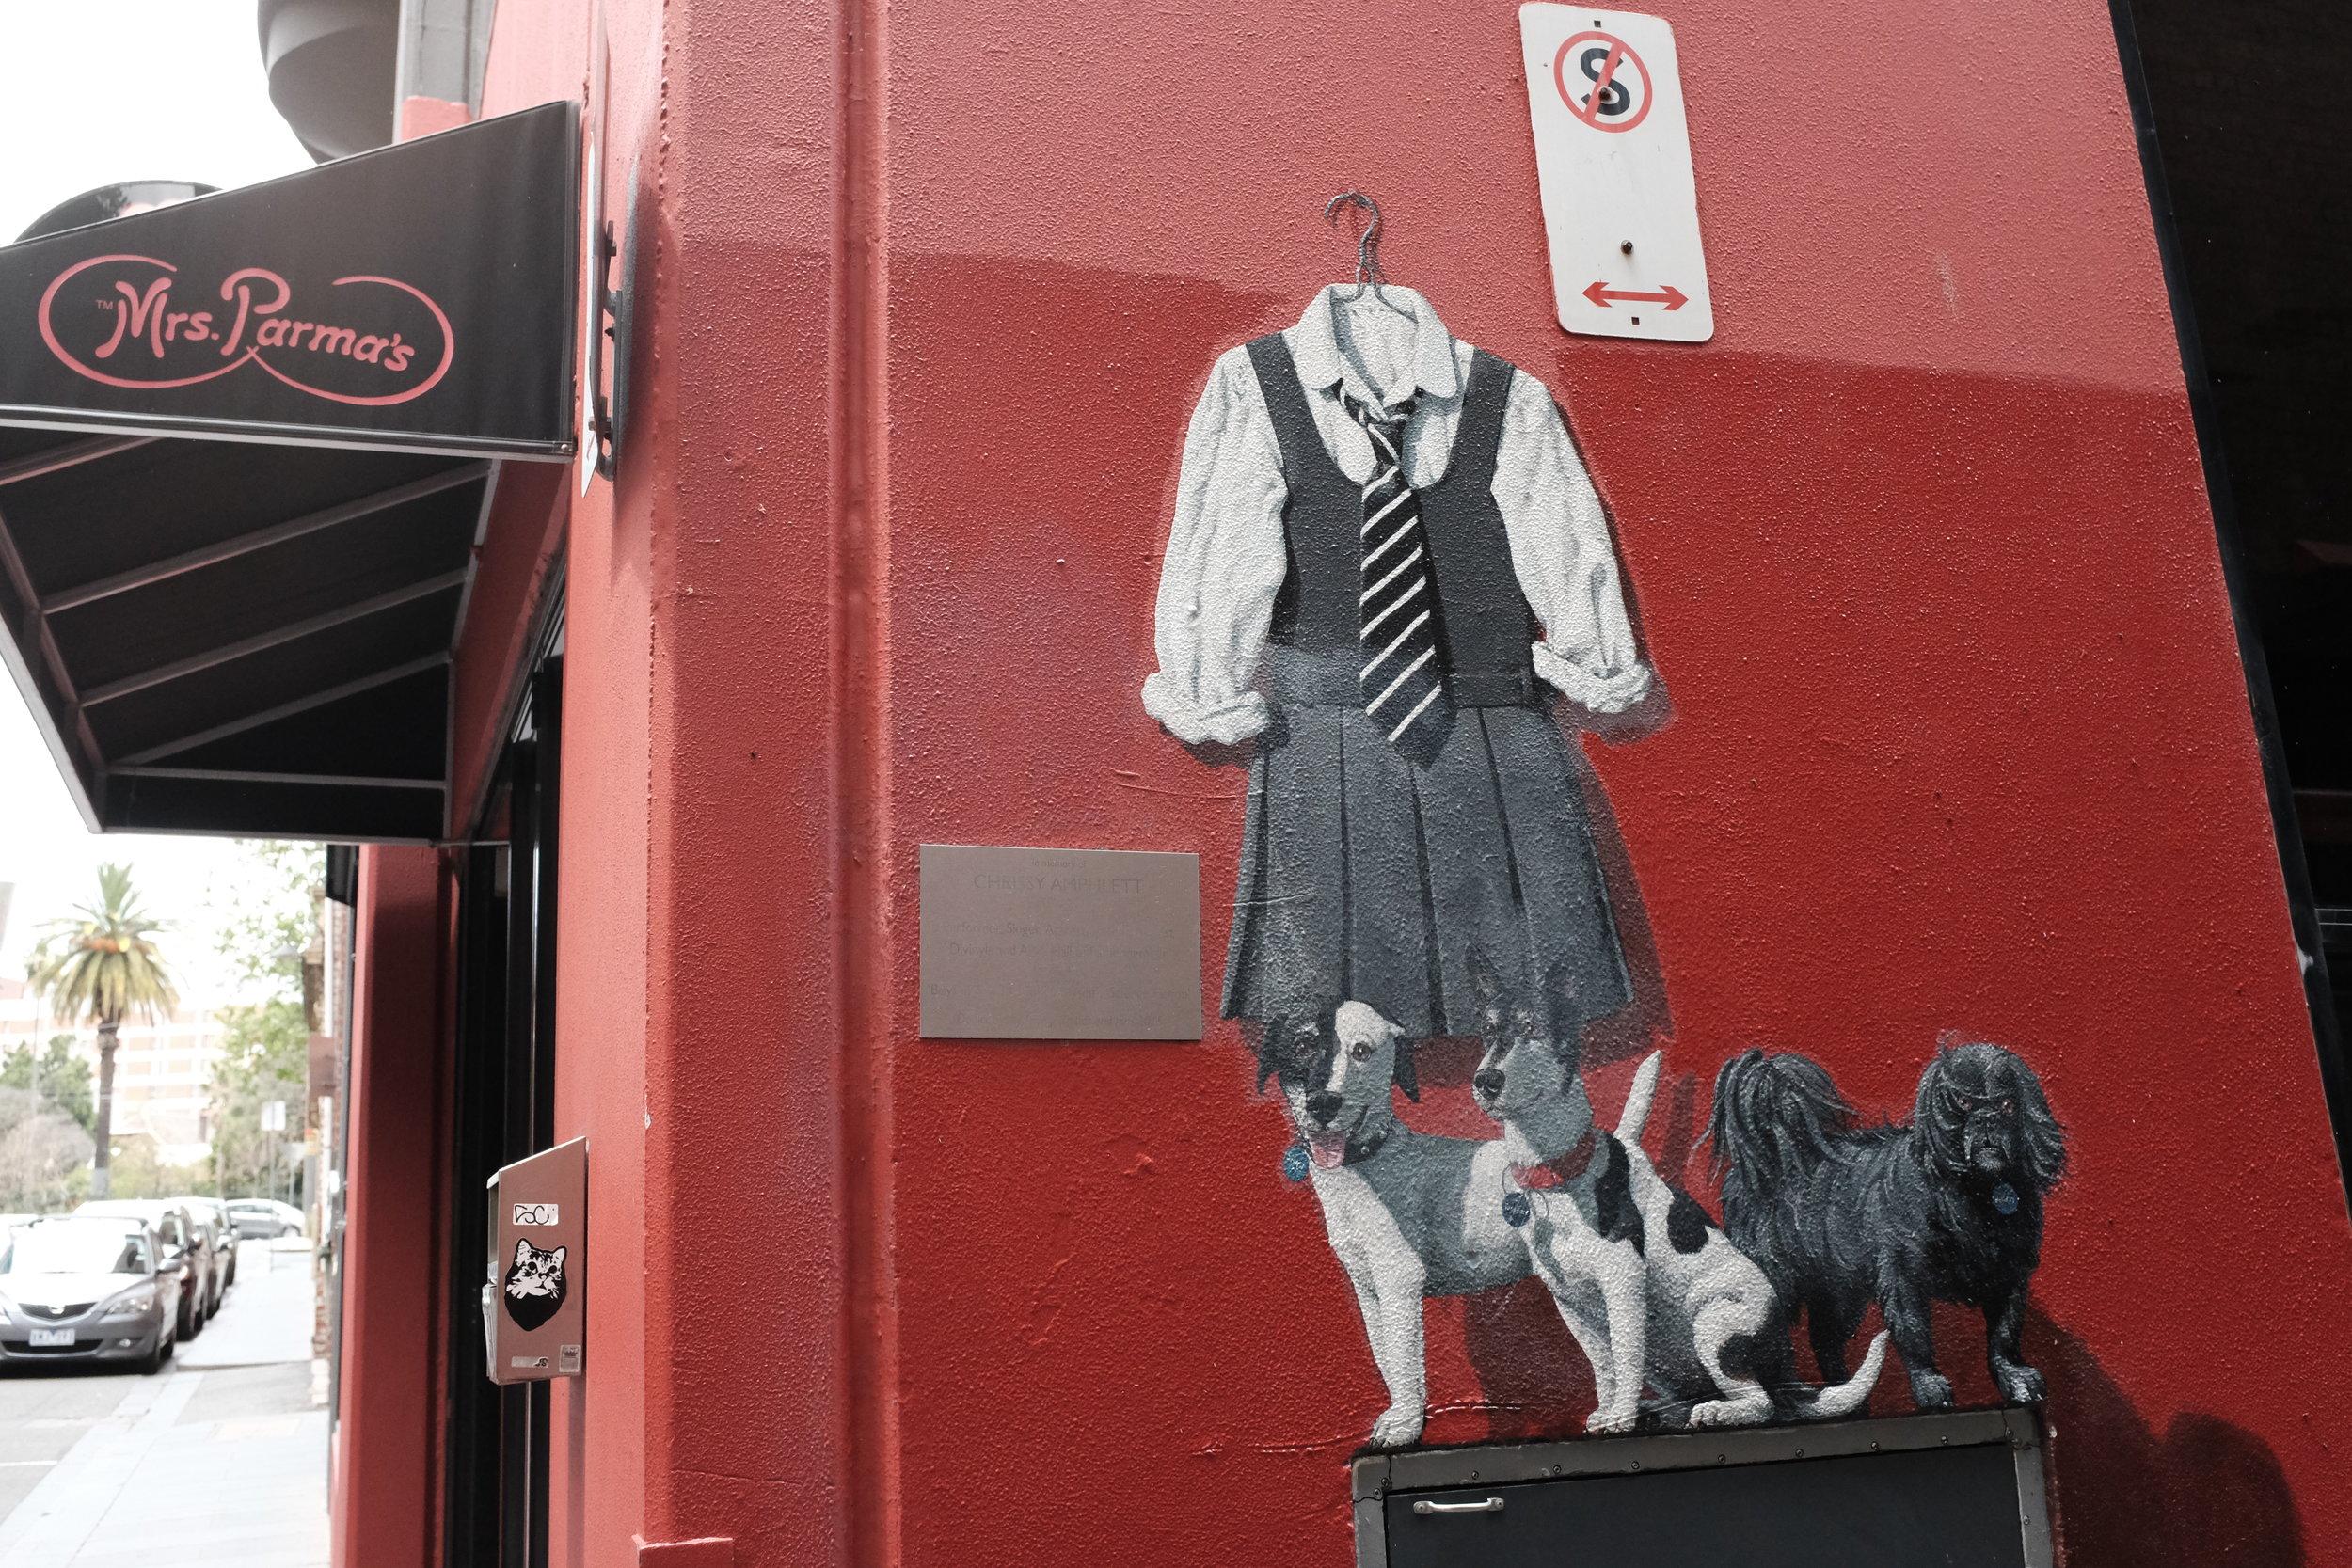 Amphlett Lane for Chrissy of the Divinyls